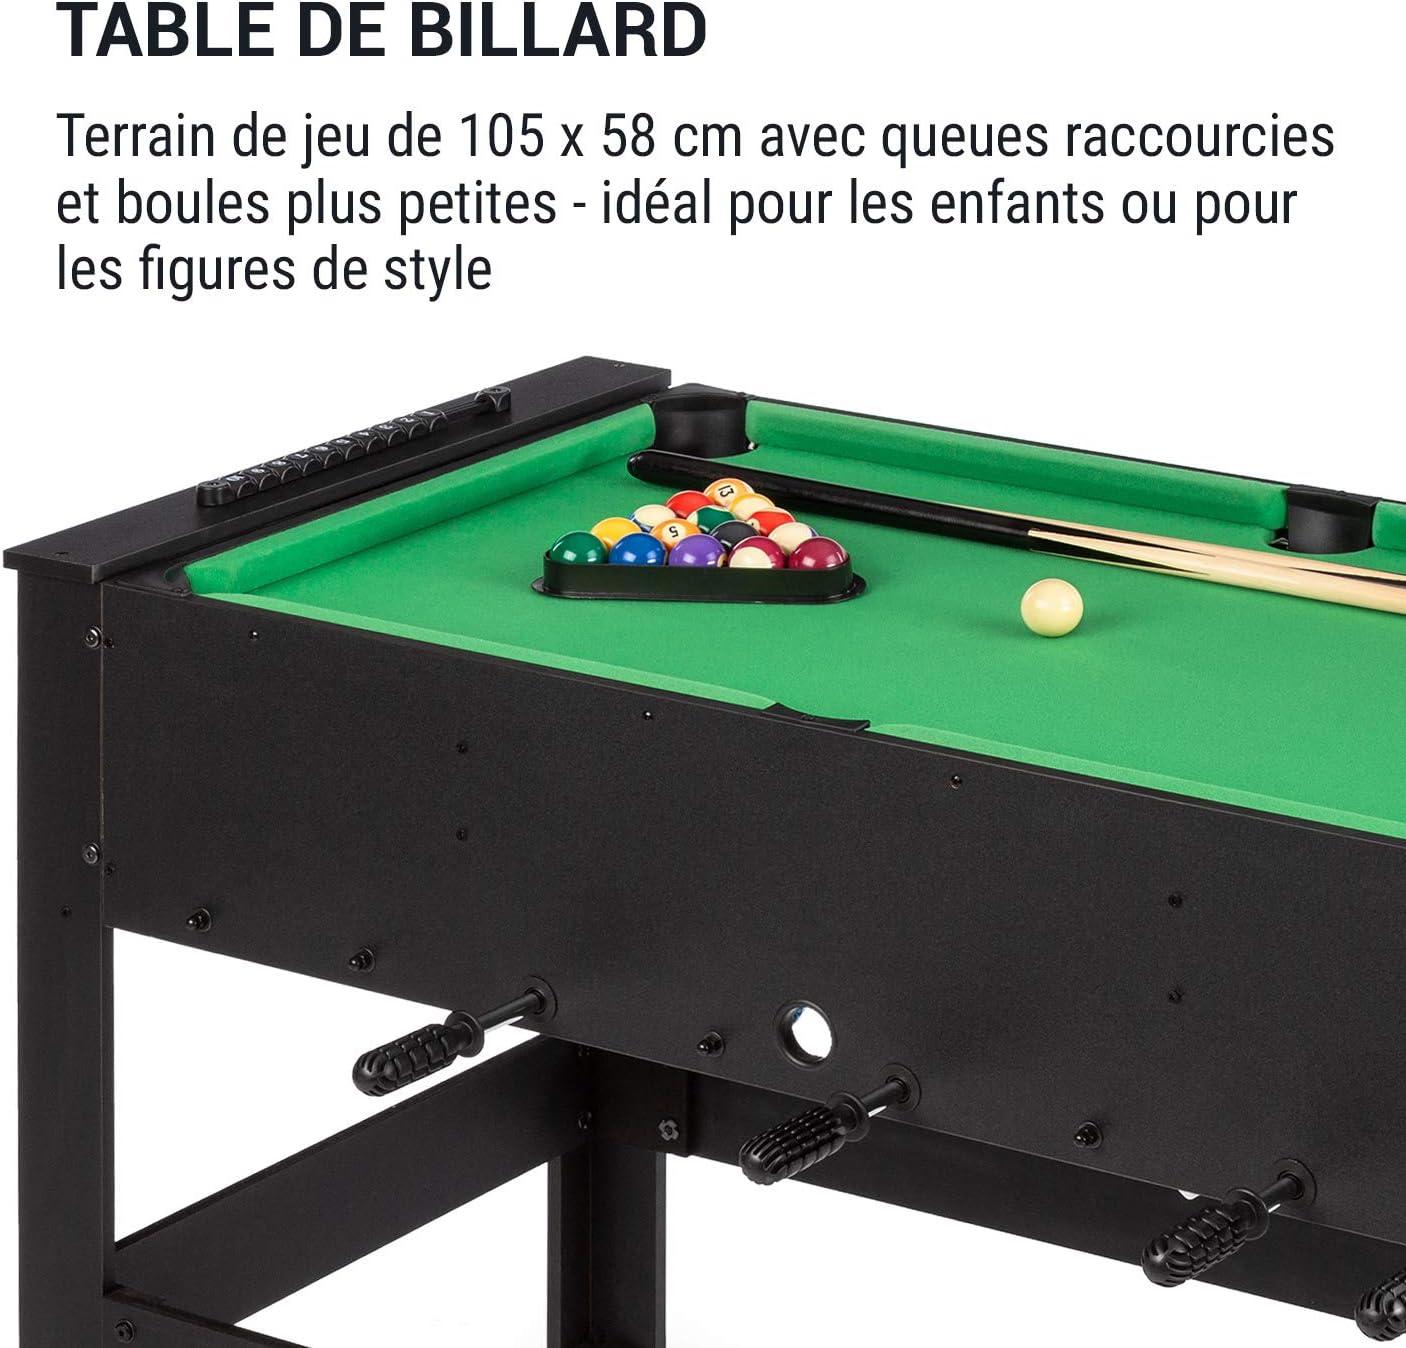 Klarfit Spin Table de jeu 2-en-1 accessoires de jeu inclus table de baby-foot fonction Spin: table tournante pour un changement rapide de jeu table de billard: 105 x 58 cm//couverture verte